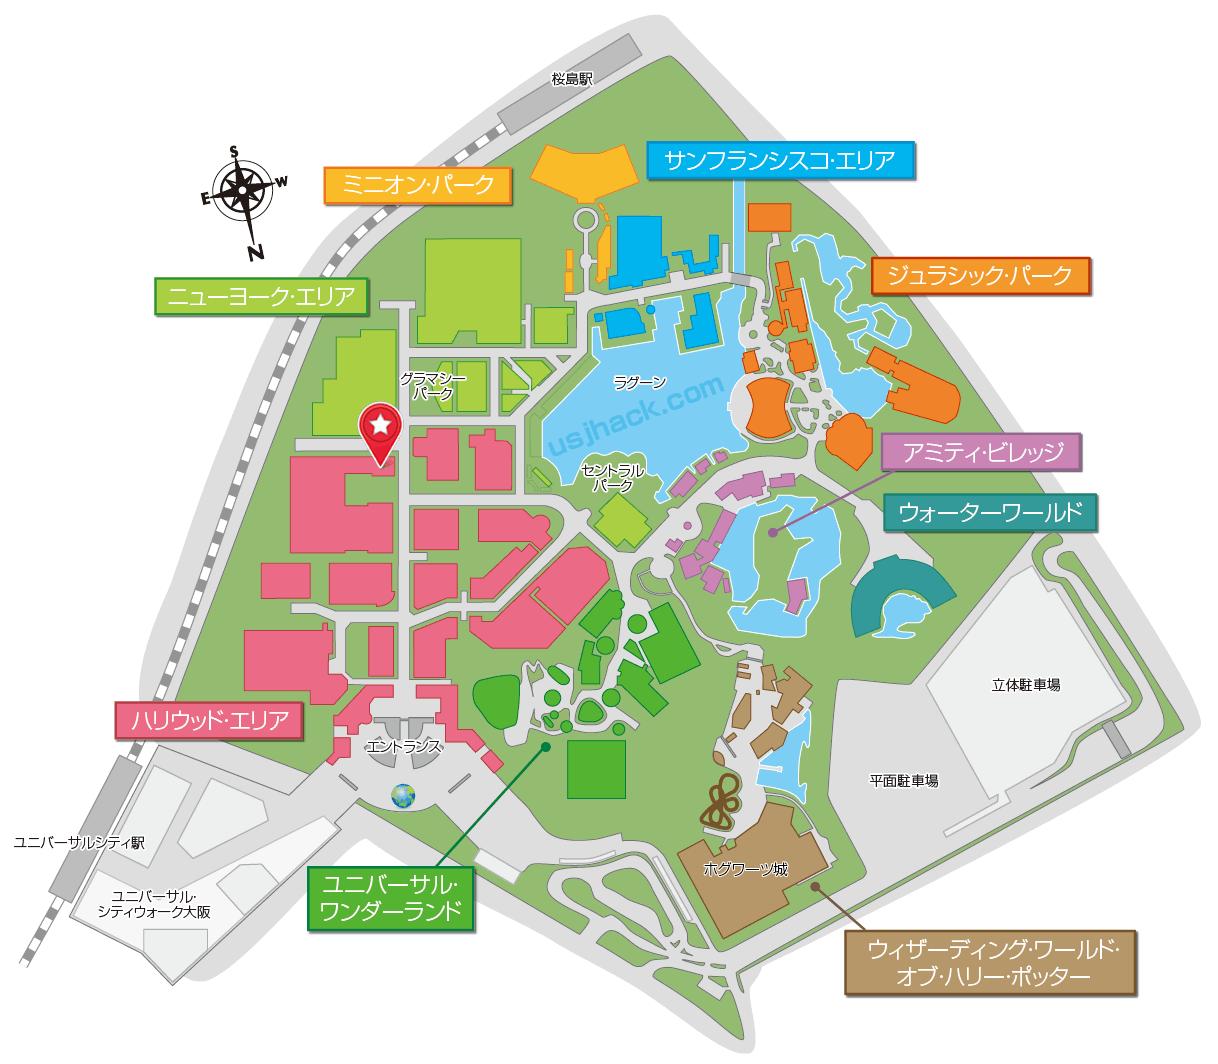 マップで確認するスペースファンタジーステーションの場所